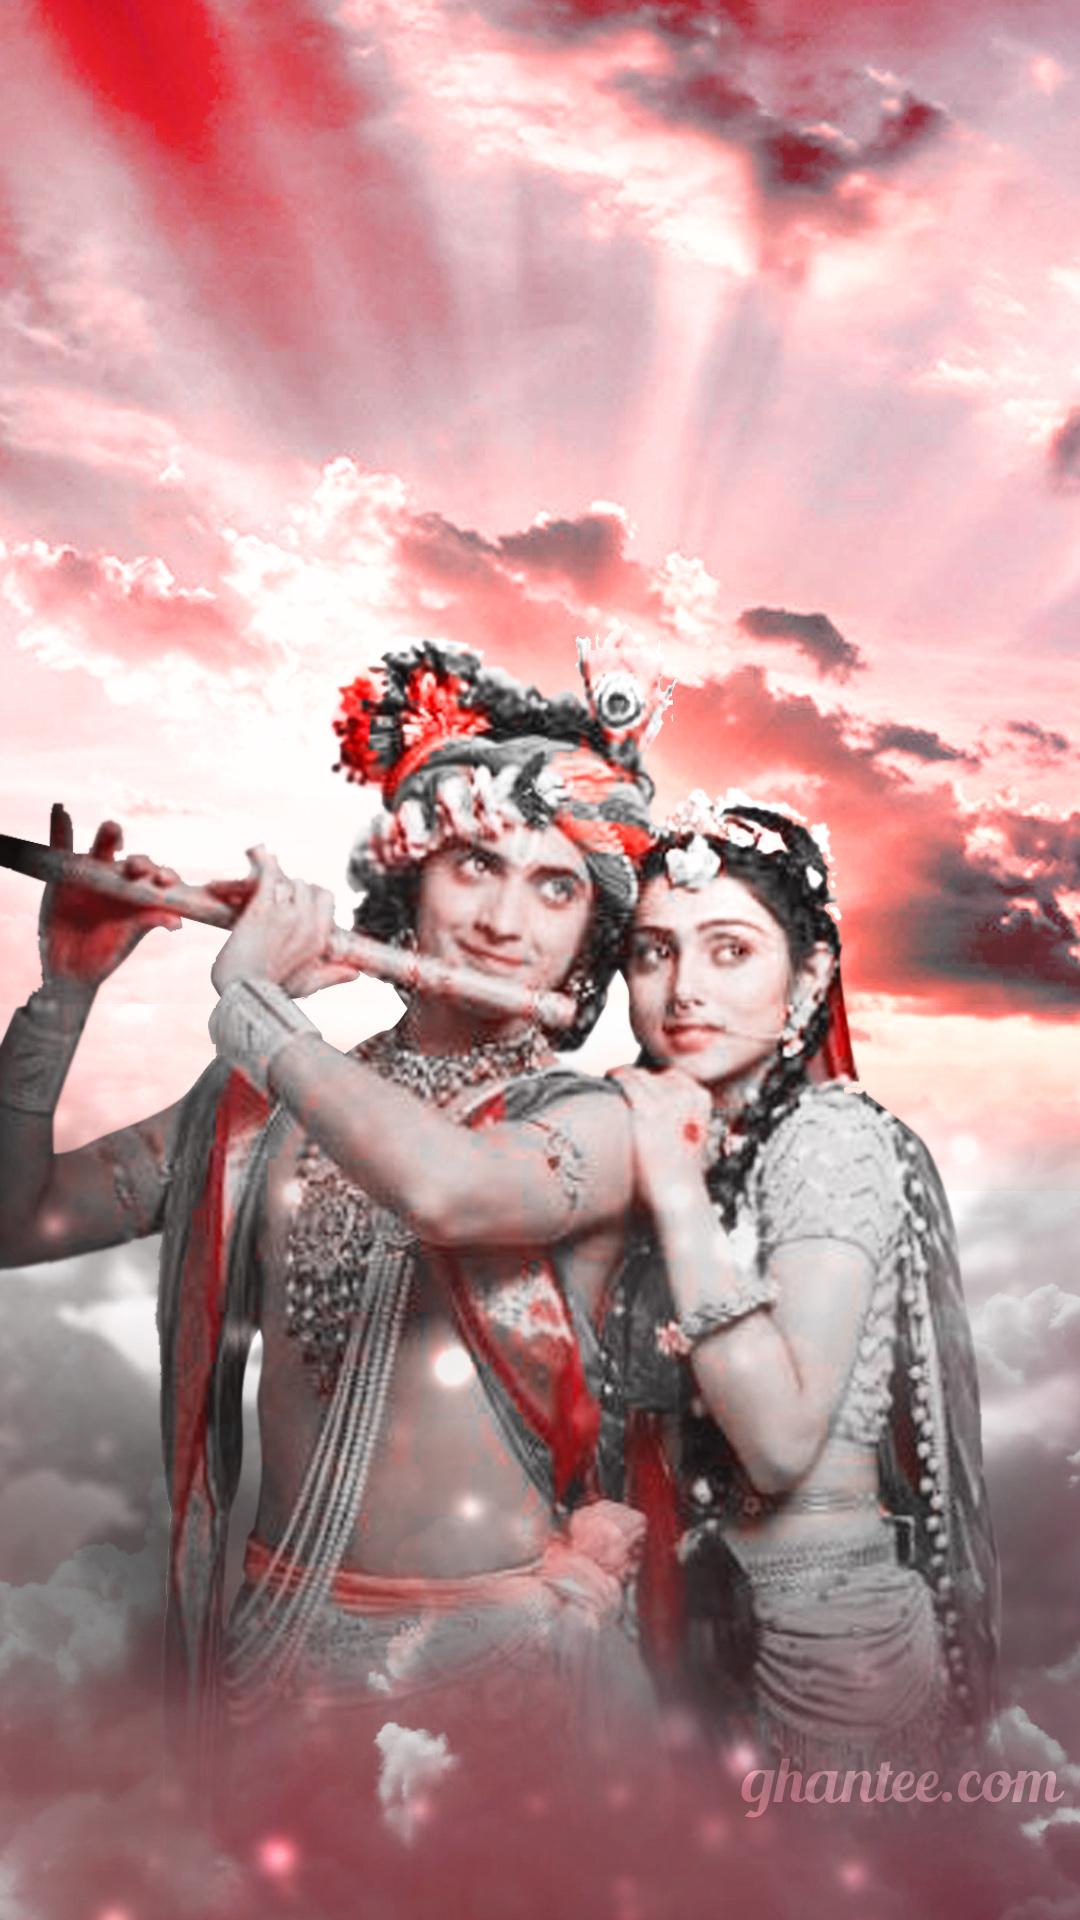 radhakrishna hd phone wallpaper